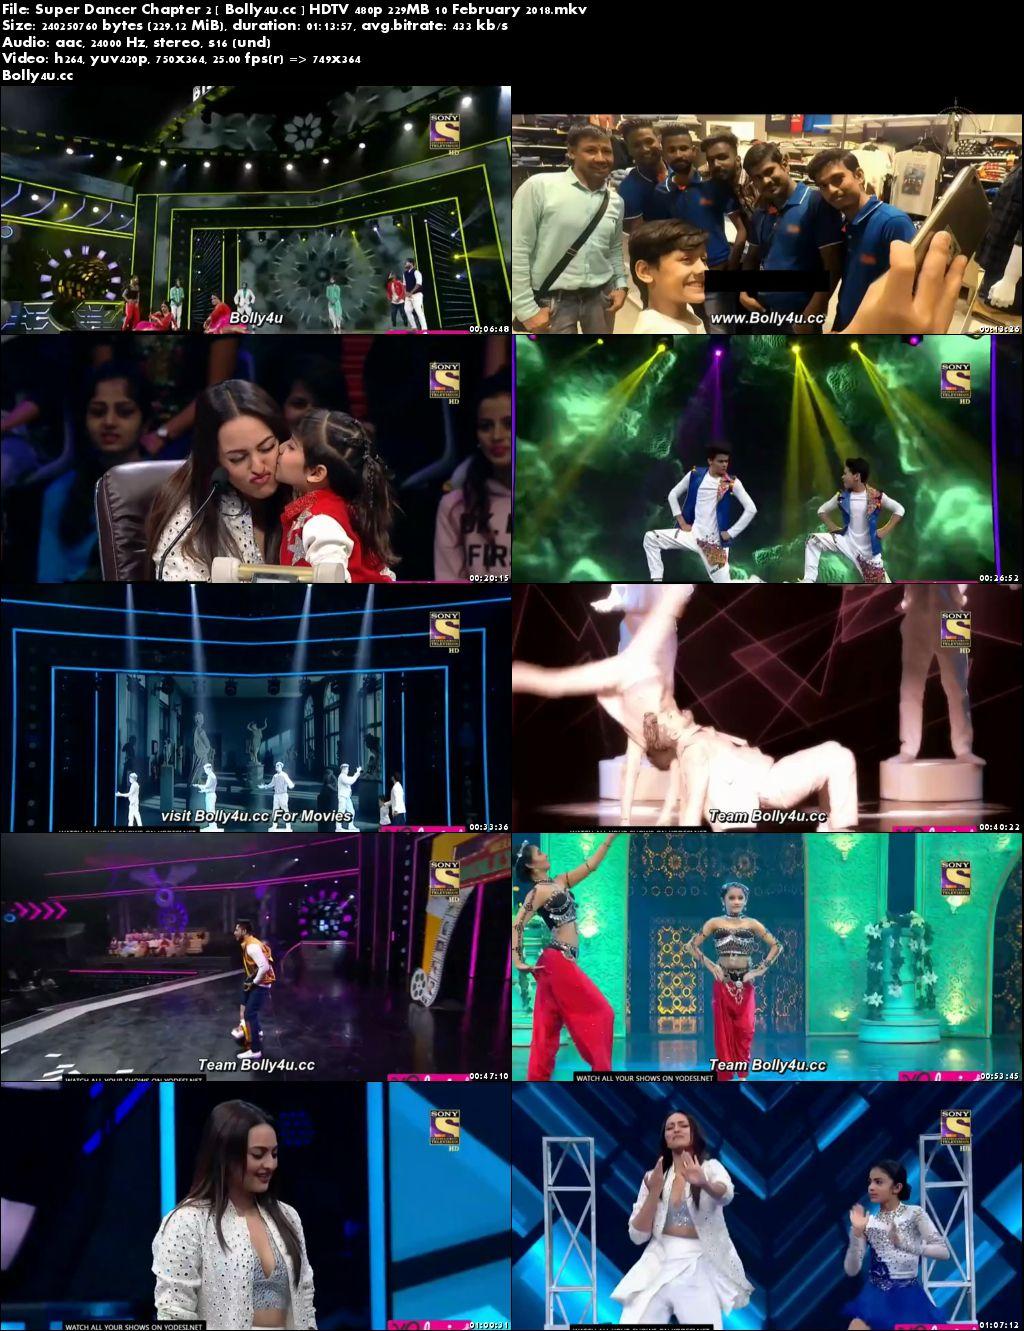 Super Dancer Chapter 2 HDTV 480p 200MB 10 February 2018 Download